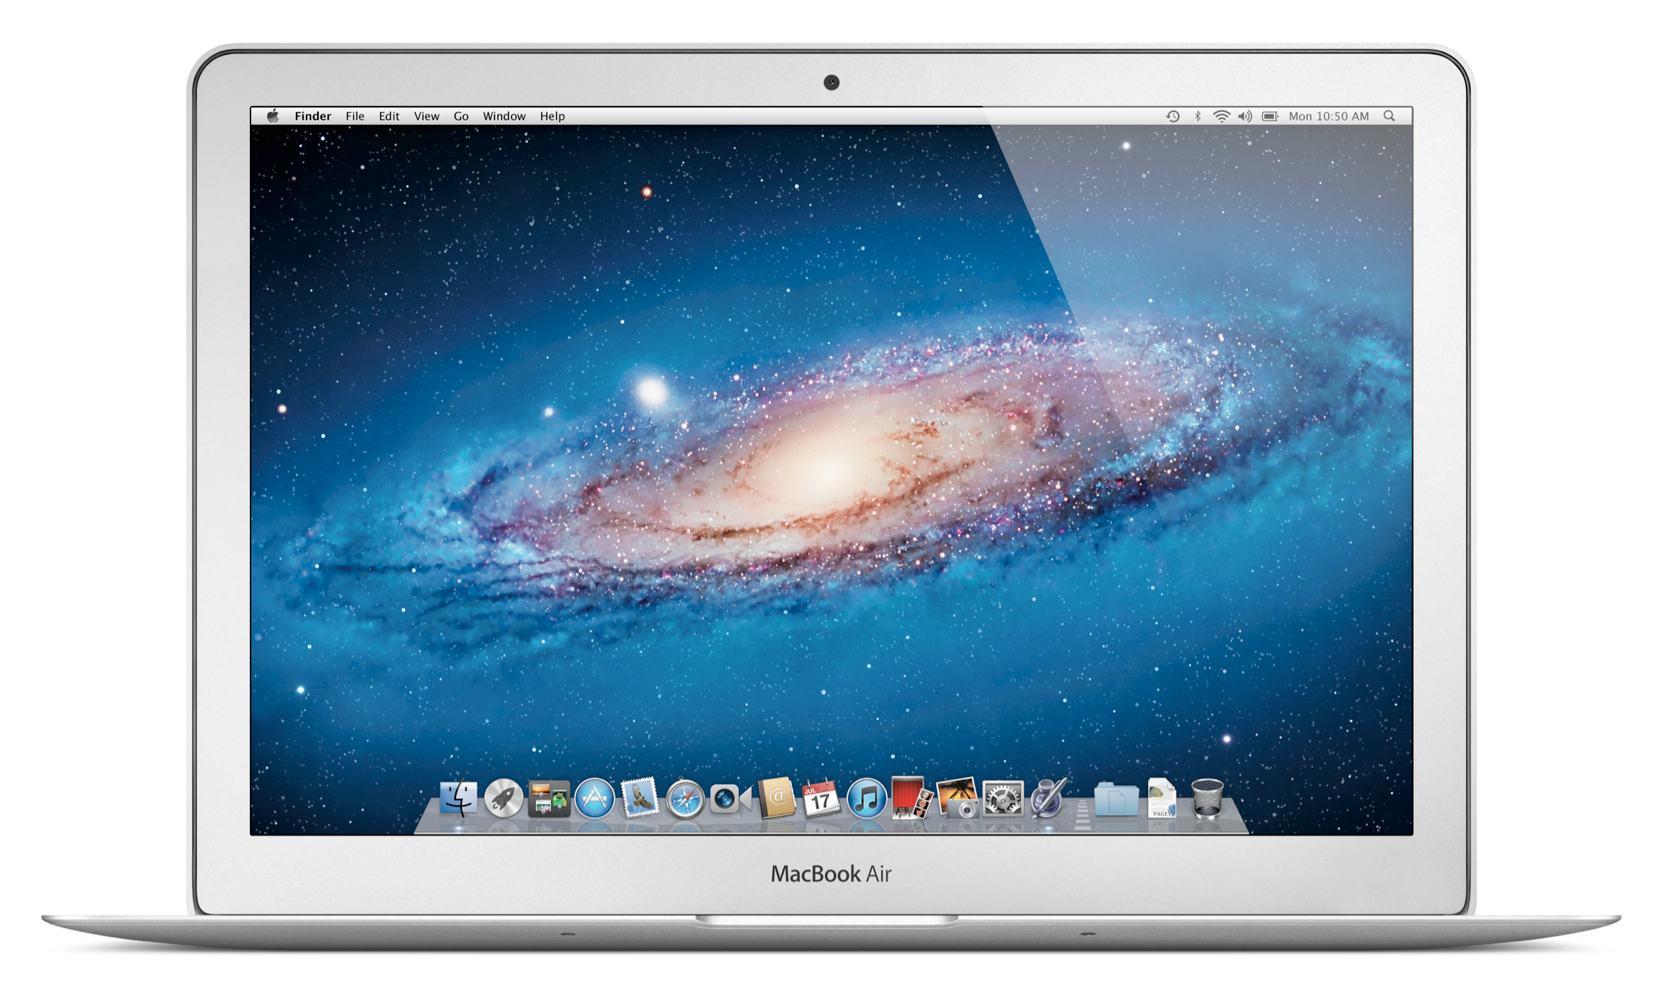 Apple Macbook Air Background Apple Macbook Air Md232ll/a